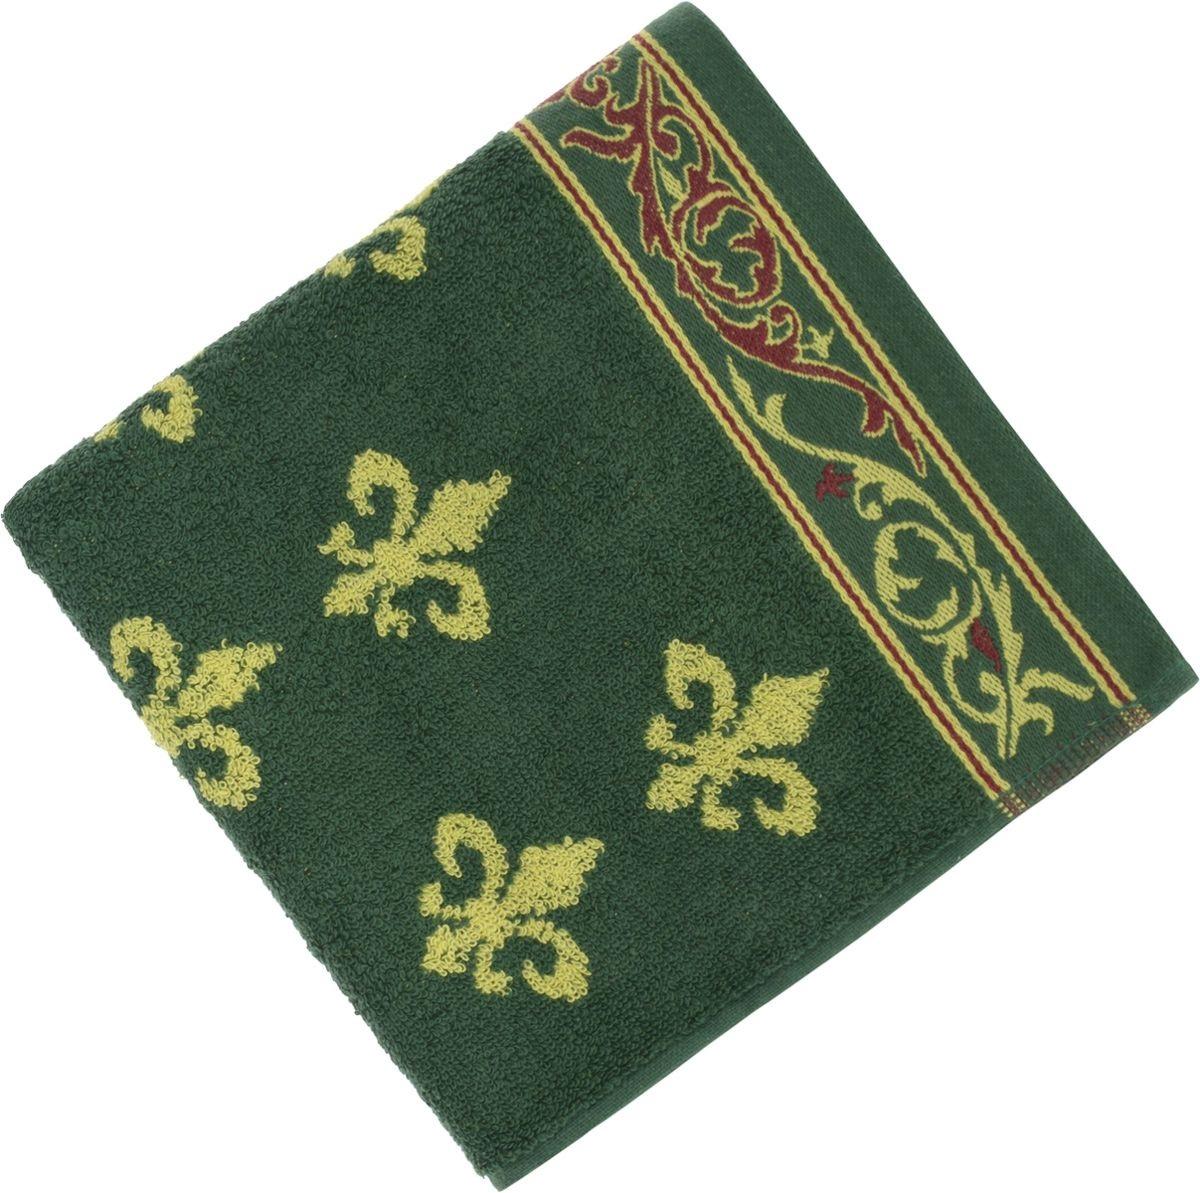 Полотенца Soavita Полотенце Lakeshia Цвет: Зеленый (65х130 см) полотенце кухонное soavita цвет коралловый диаметр 65 см 48800